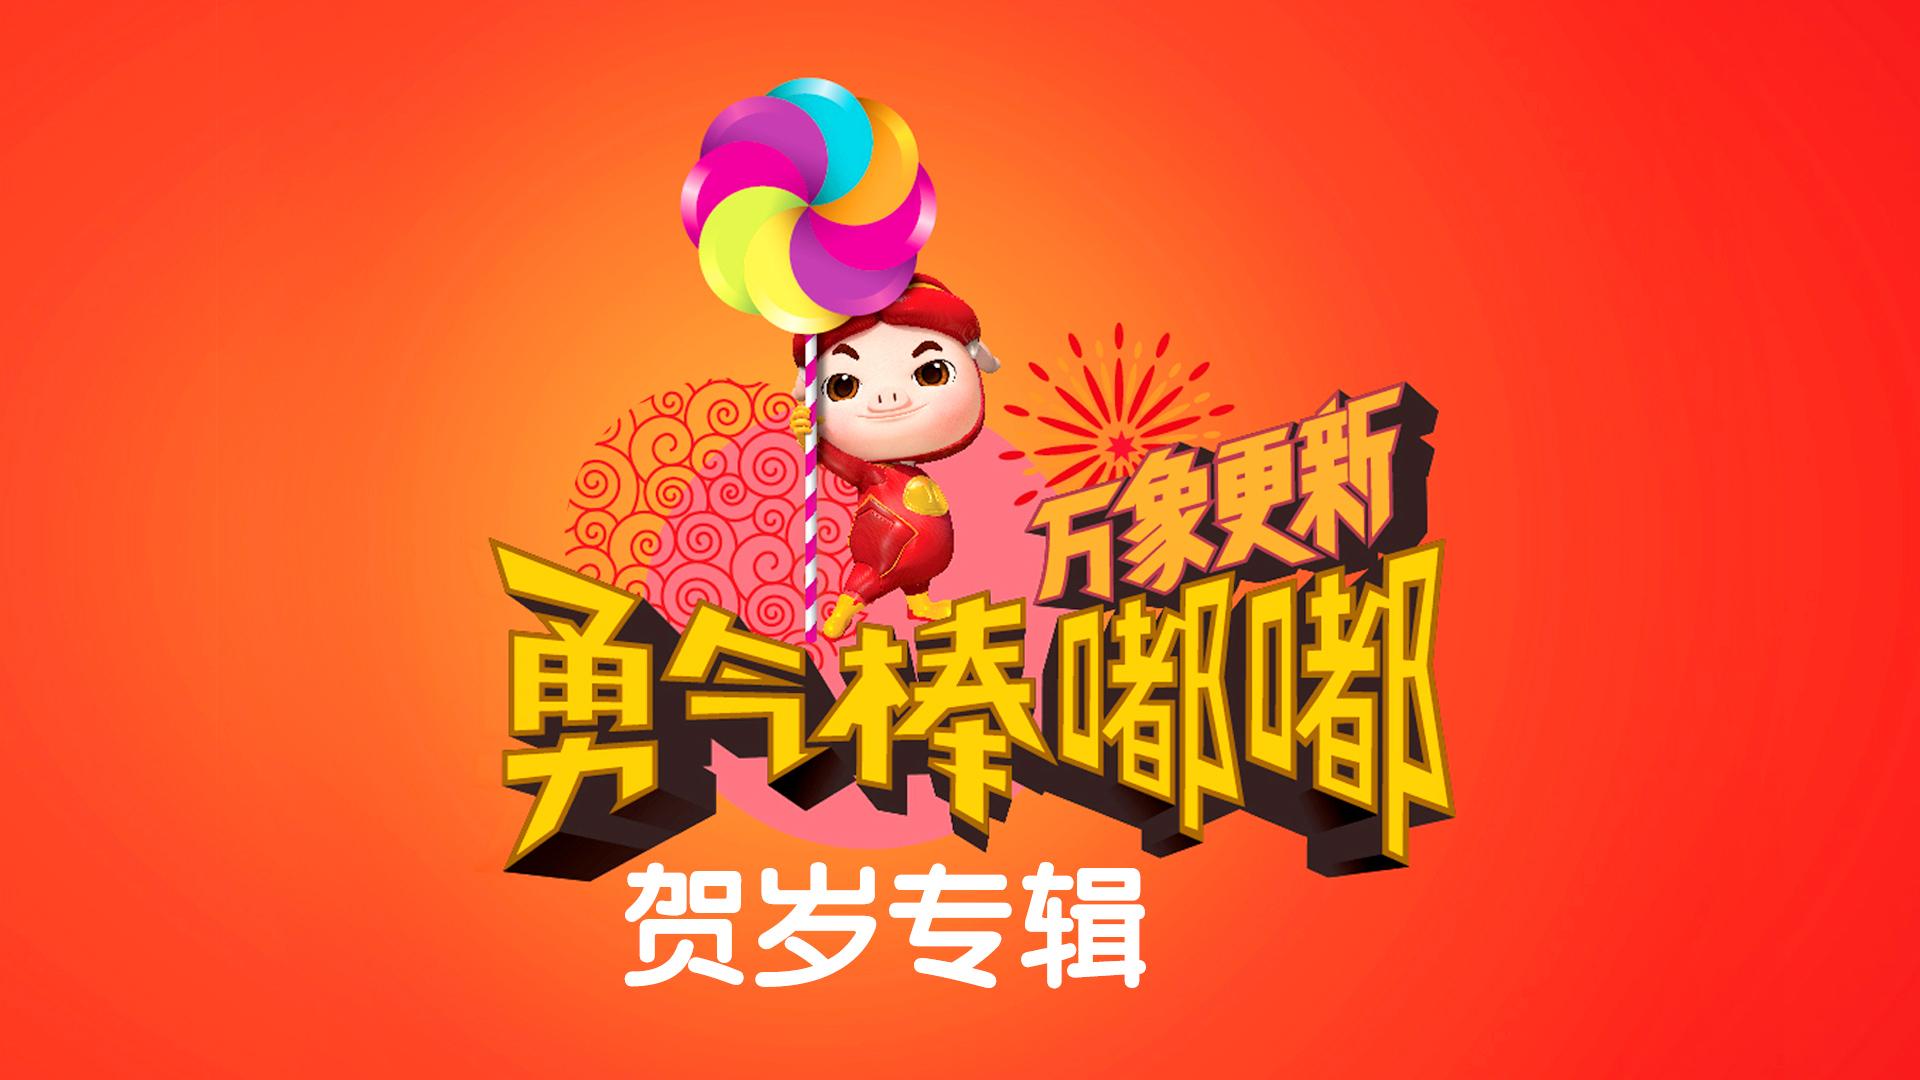 CNY ALBUM 2019 WAN XIANG GENG XIN YONG QI BANG DU DU